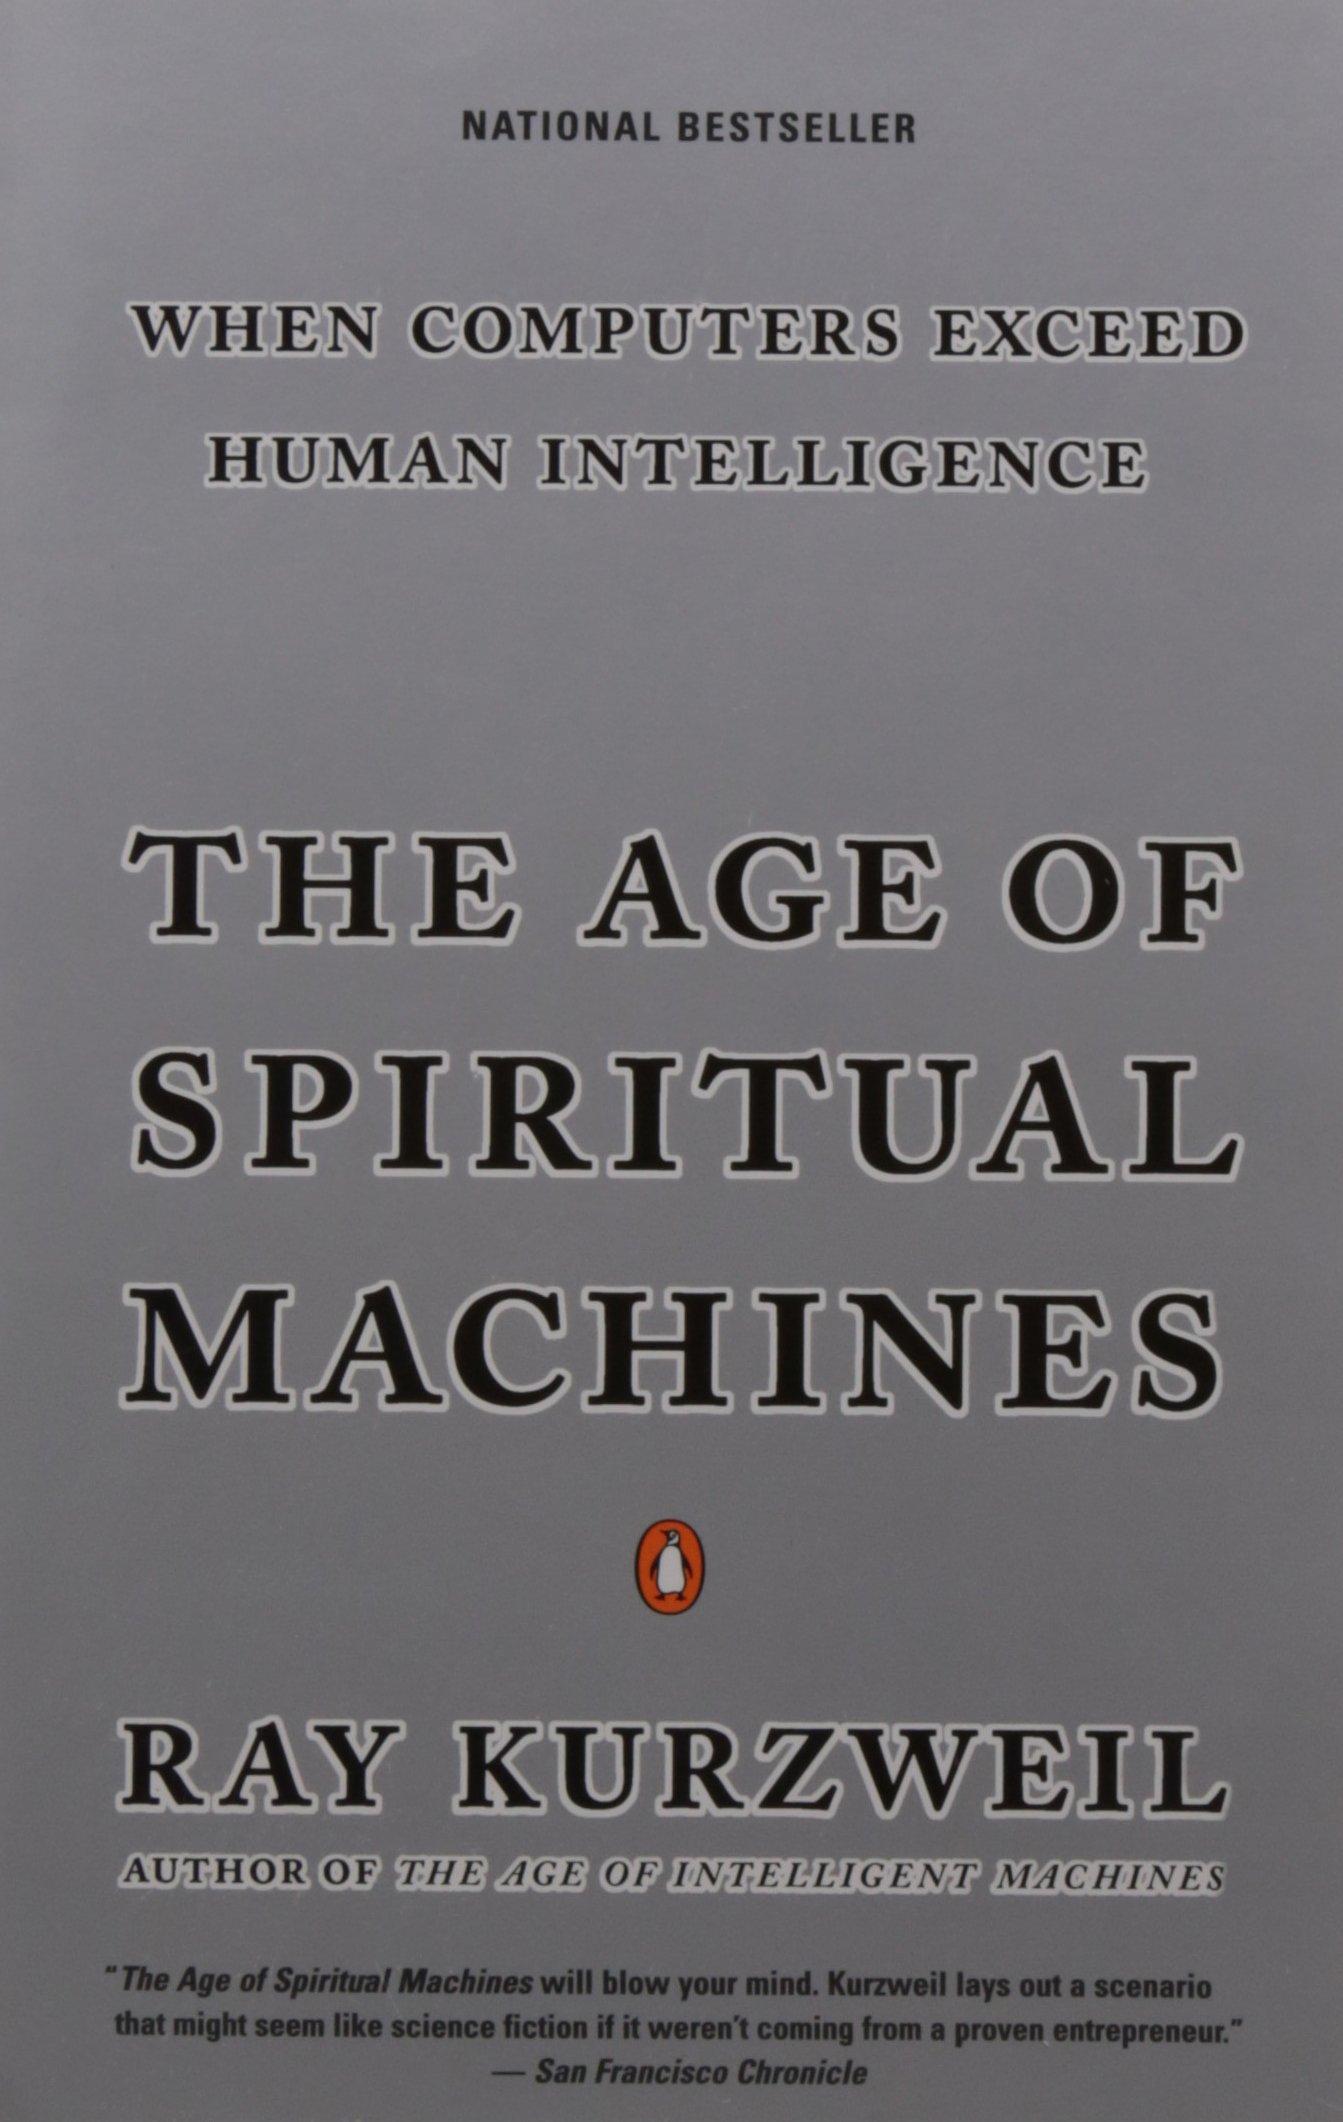 SpiritualMachines.jpg